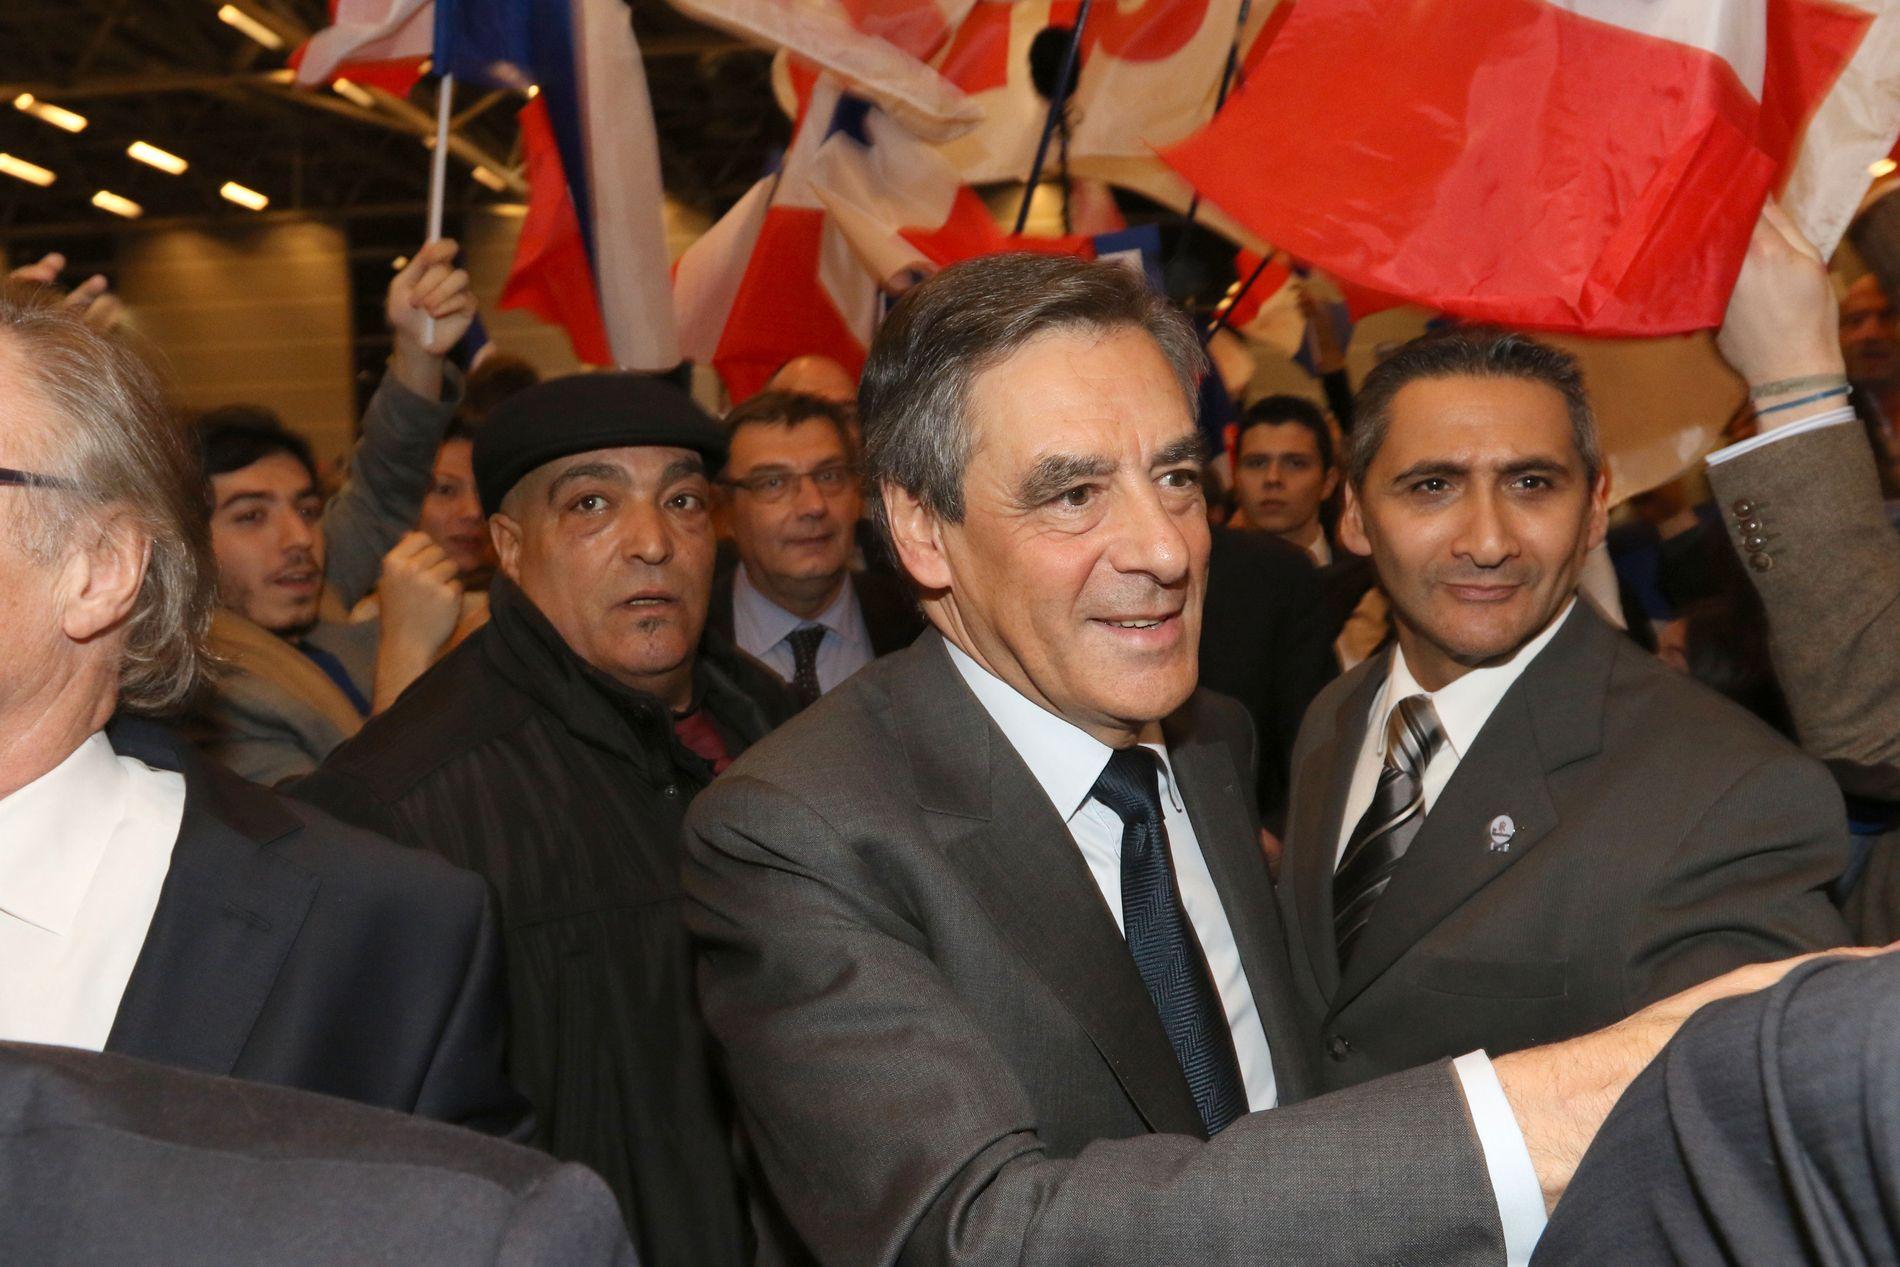 TREKKER SEG IKKE: Francois Fillon trekker seg ikke fra den franske valgkampen, til tross for etterforskning om misbruk av offentlige midler.